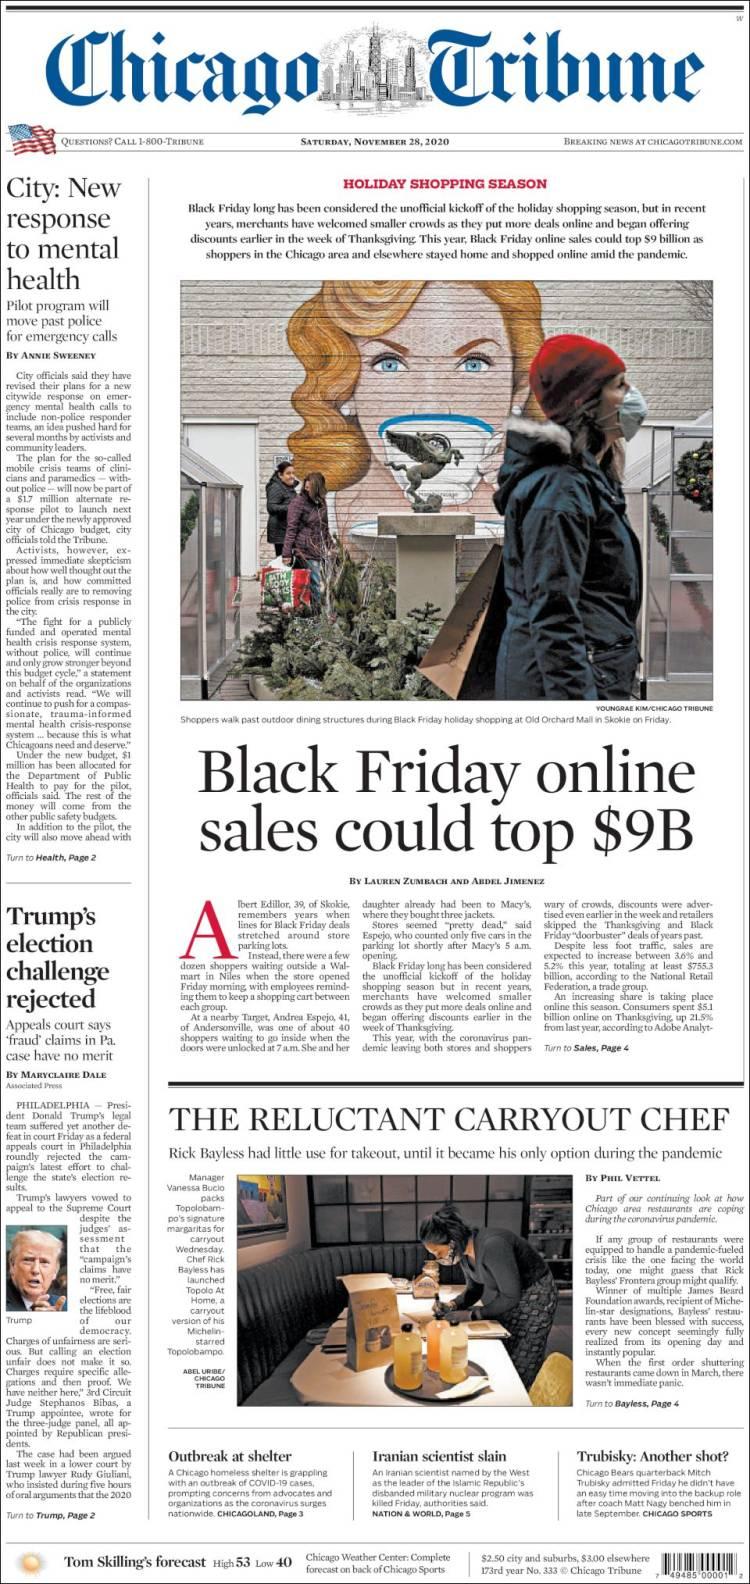 صفحه اول روزنامه شیکاگو تریبون/ فروش آنلاین جمعه سیاه می تواند از 9 میلیارد دلار فراتر رود